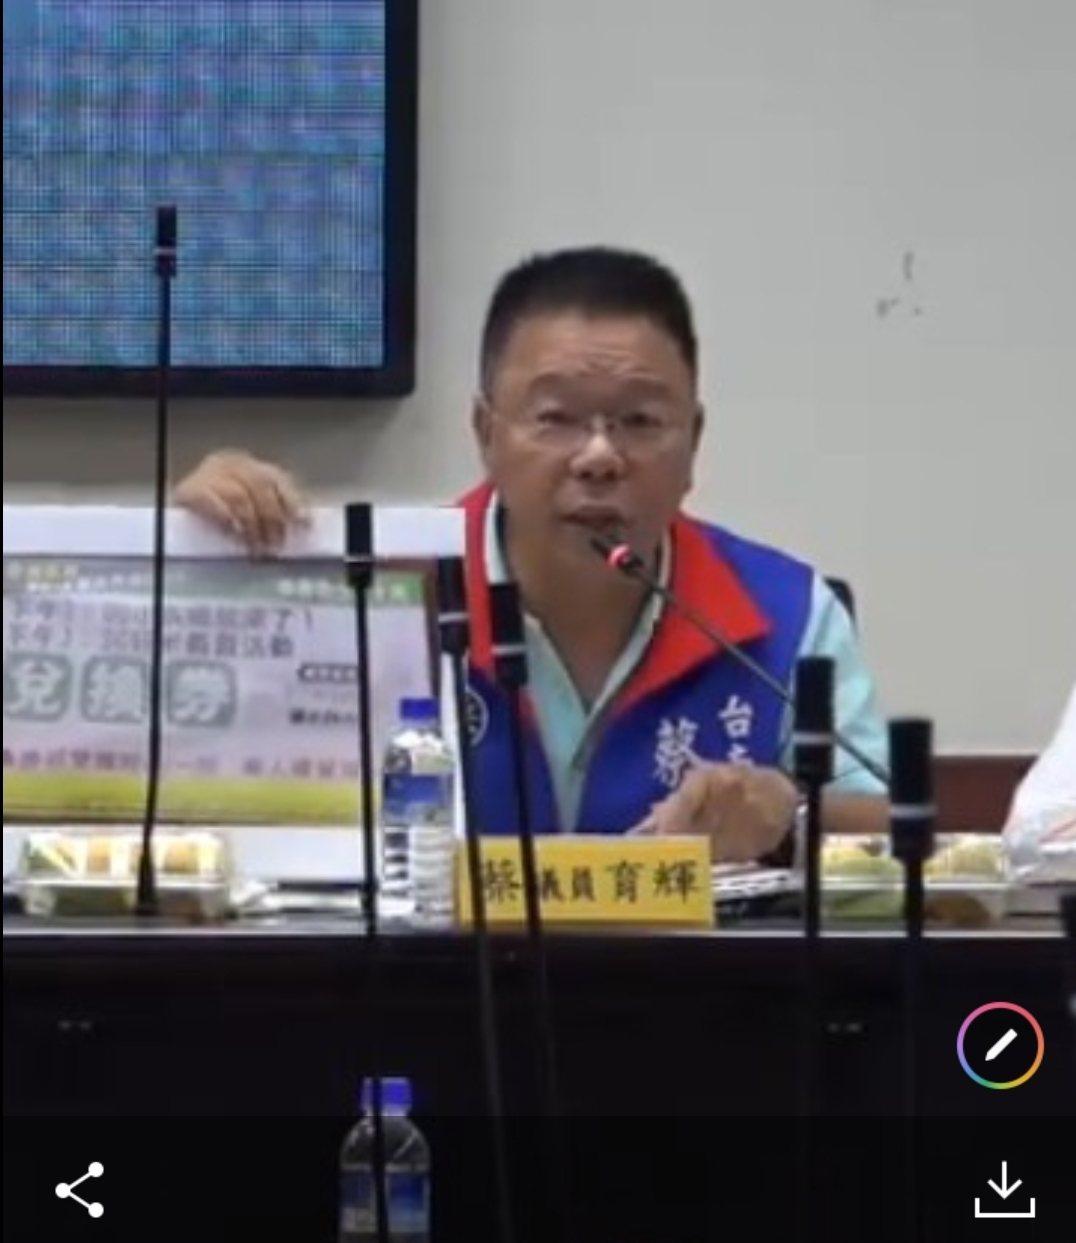 台南市议会国民党团书记长蔡育辉。图/市议会提供